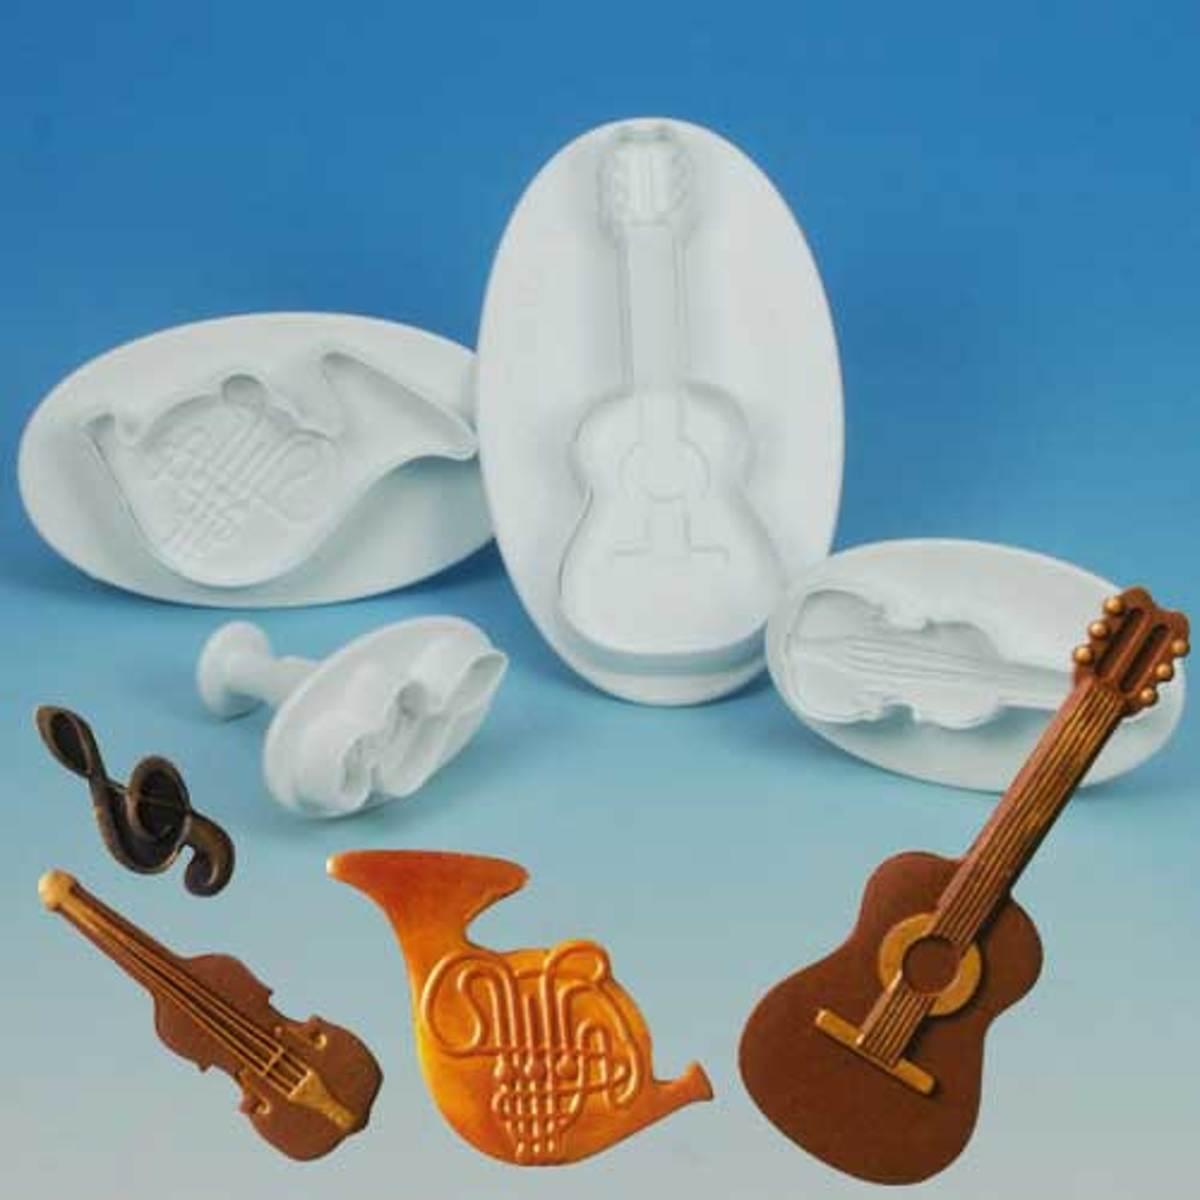 """Martellato uitstekerset """"Muziek instrumenten"""" - 4 stuks per set kopen"""